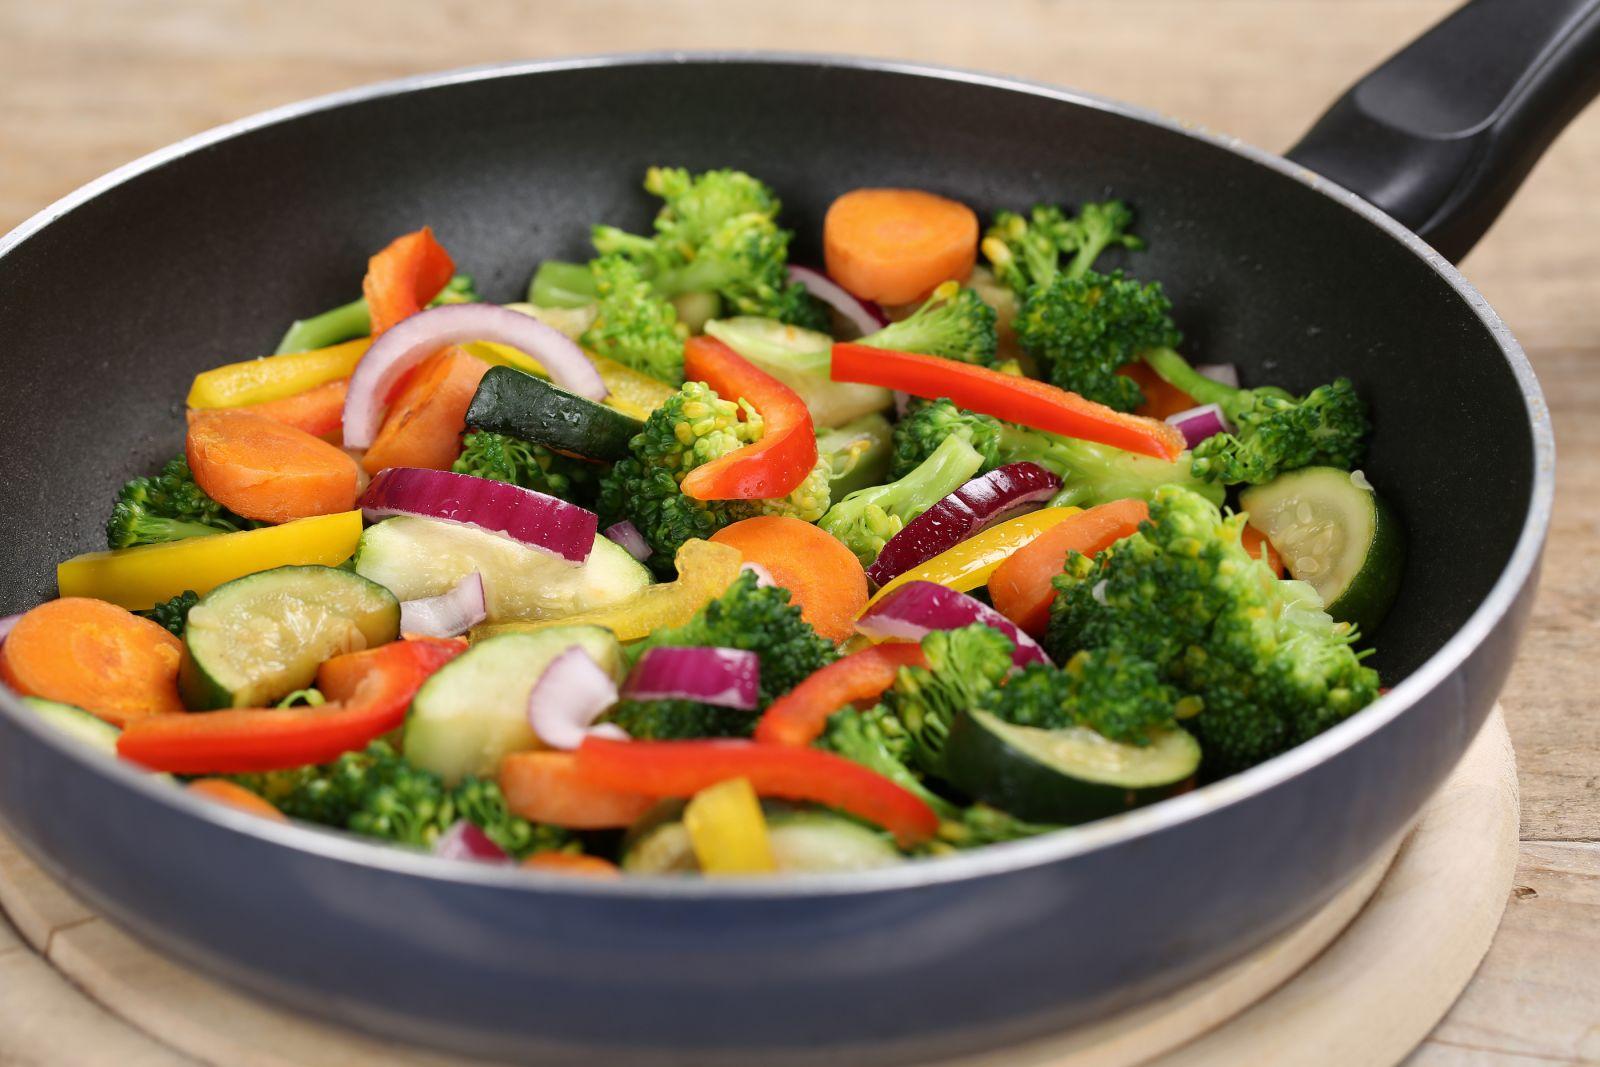 Làm phong phú màu sắc cho bữa ăn